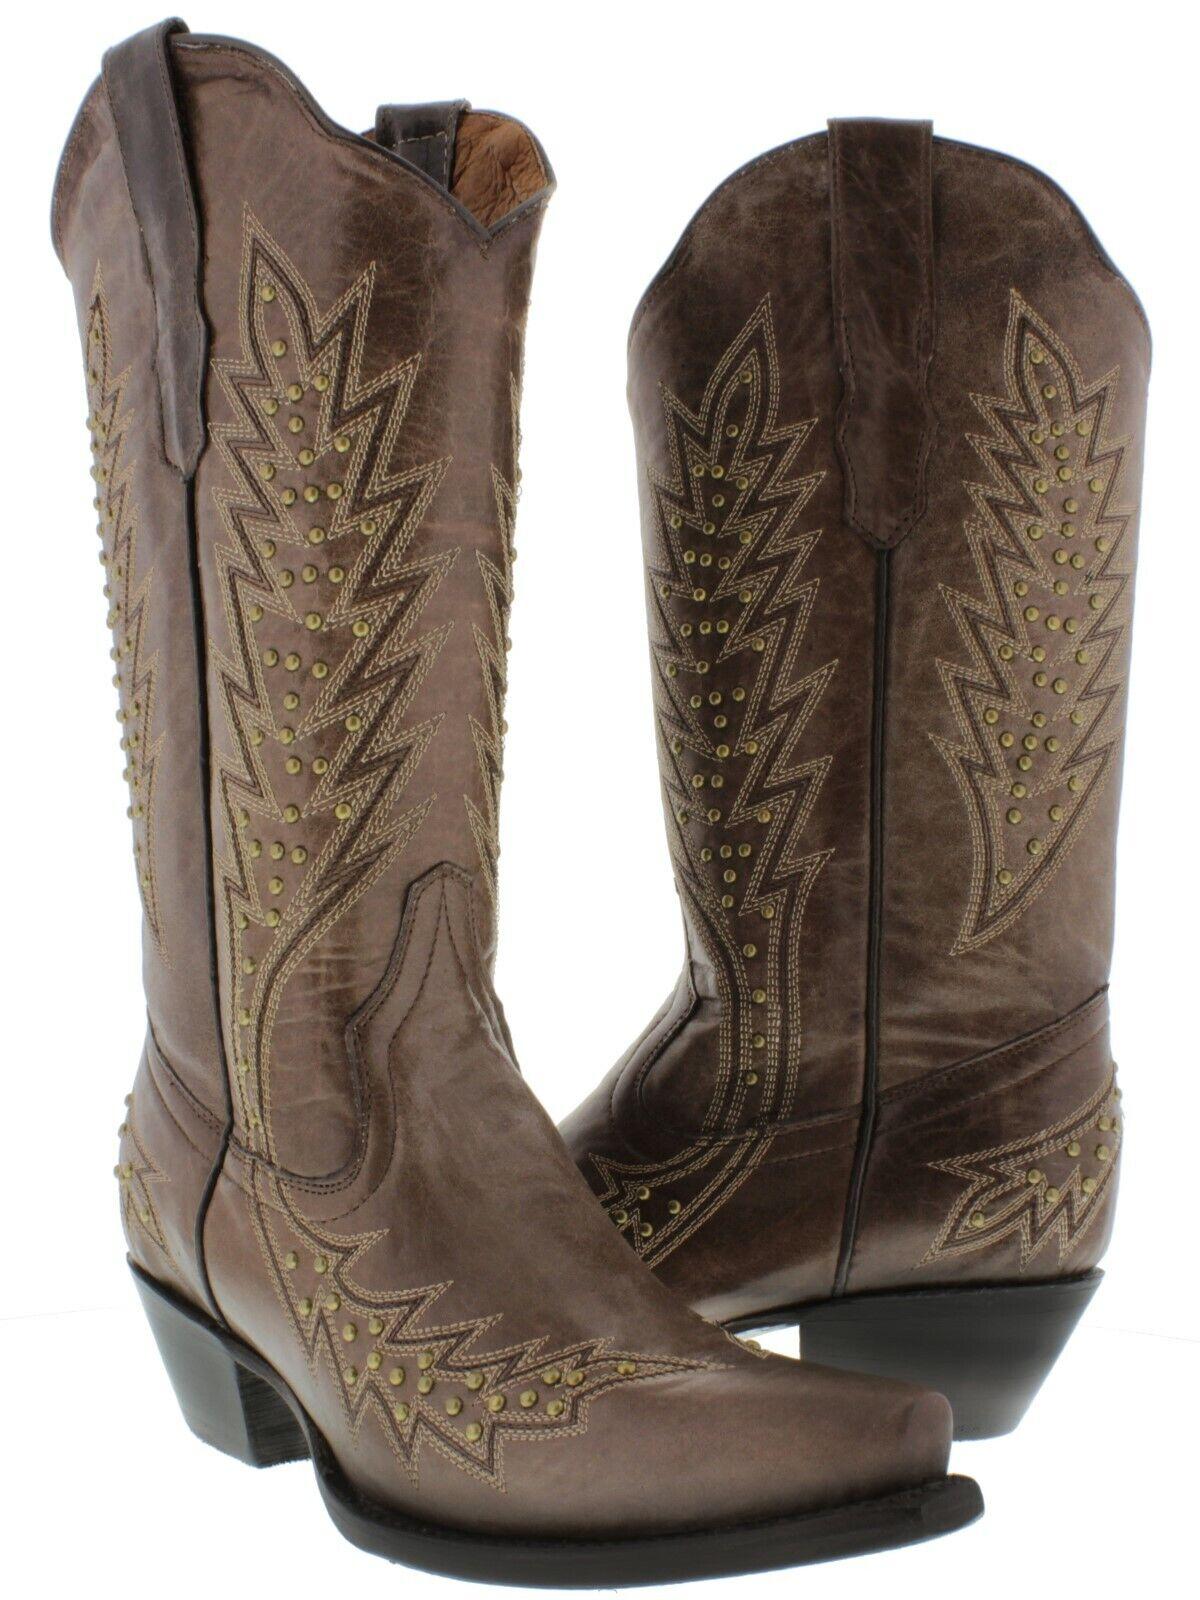 tempo libero donna Marrone Studded Cowgirl stivali oro Genuine Leather Snip Snip Snip Toe  risparmia il 35% - 70% di sconto